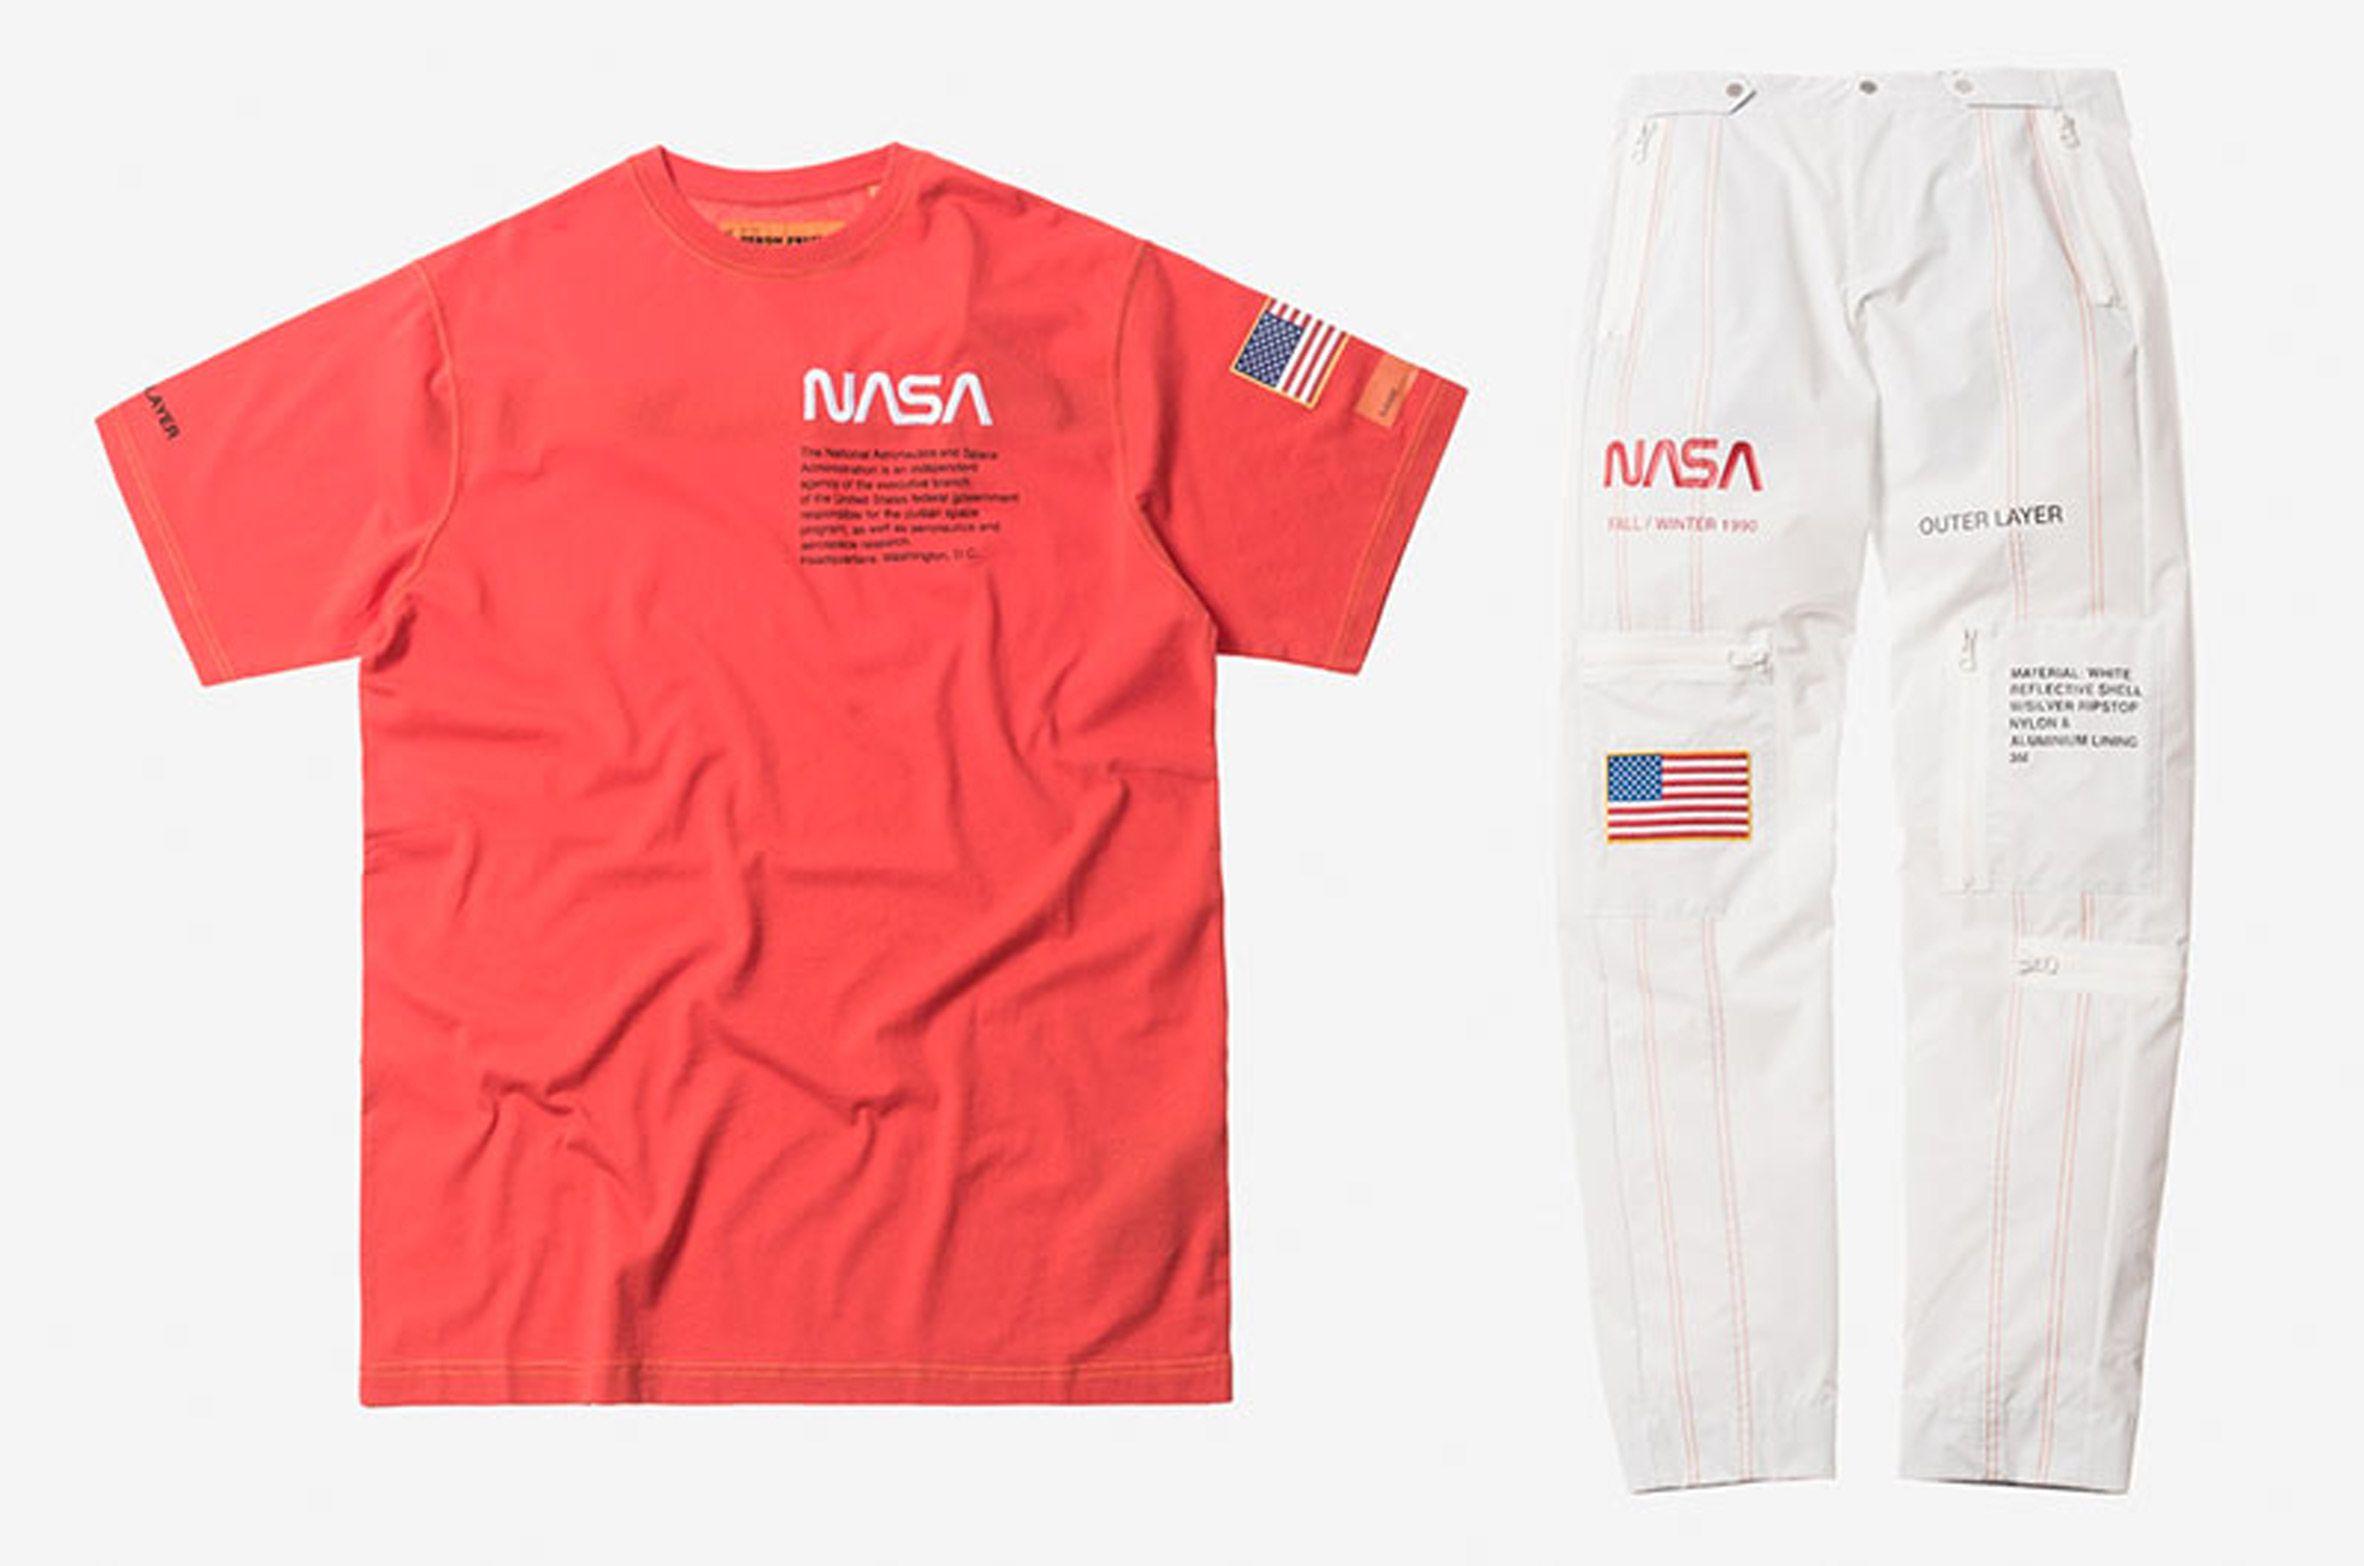 official nasa merchandise - HD1200×795